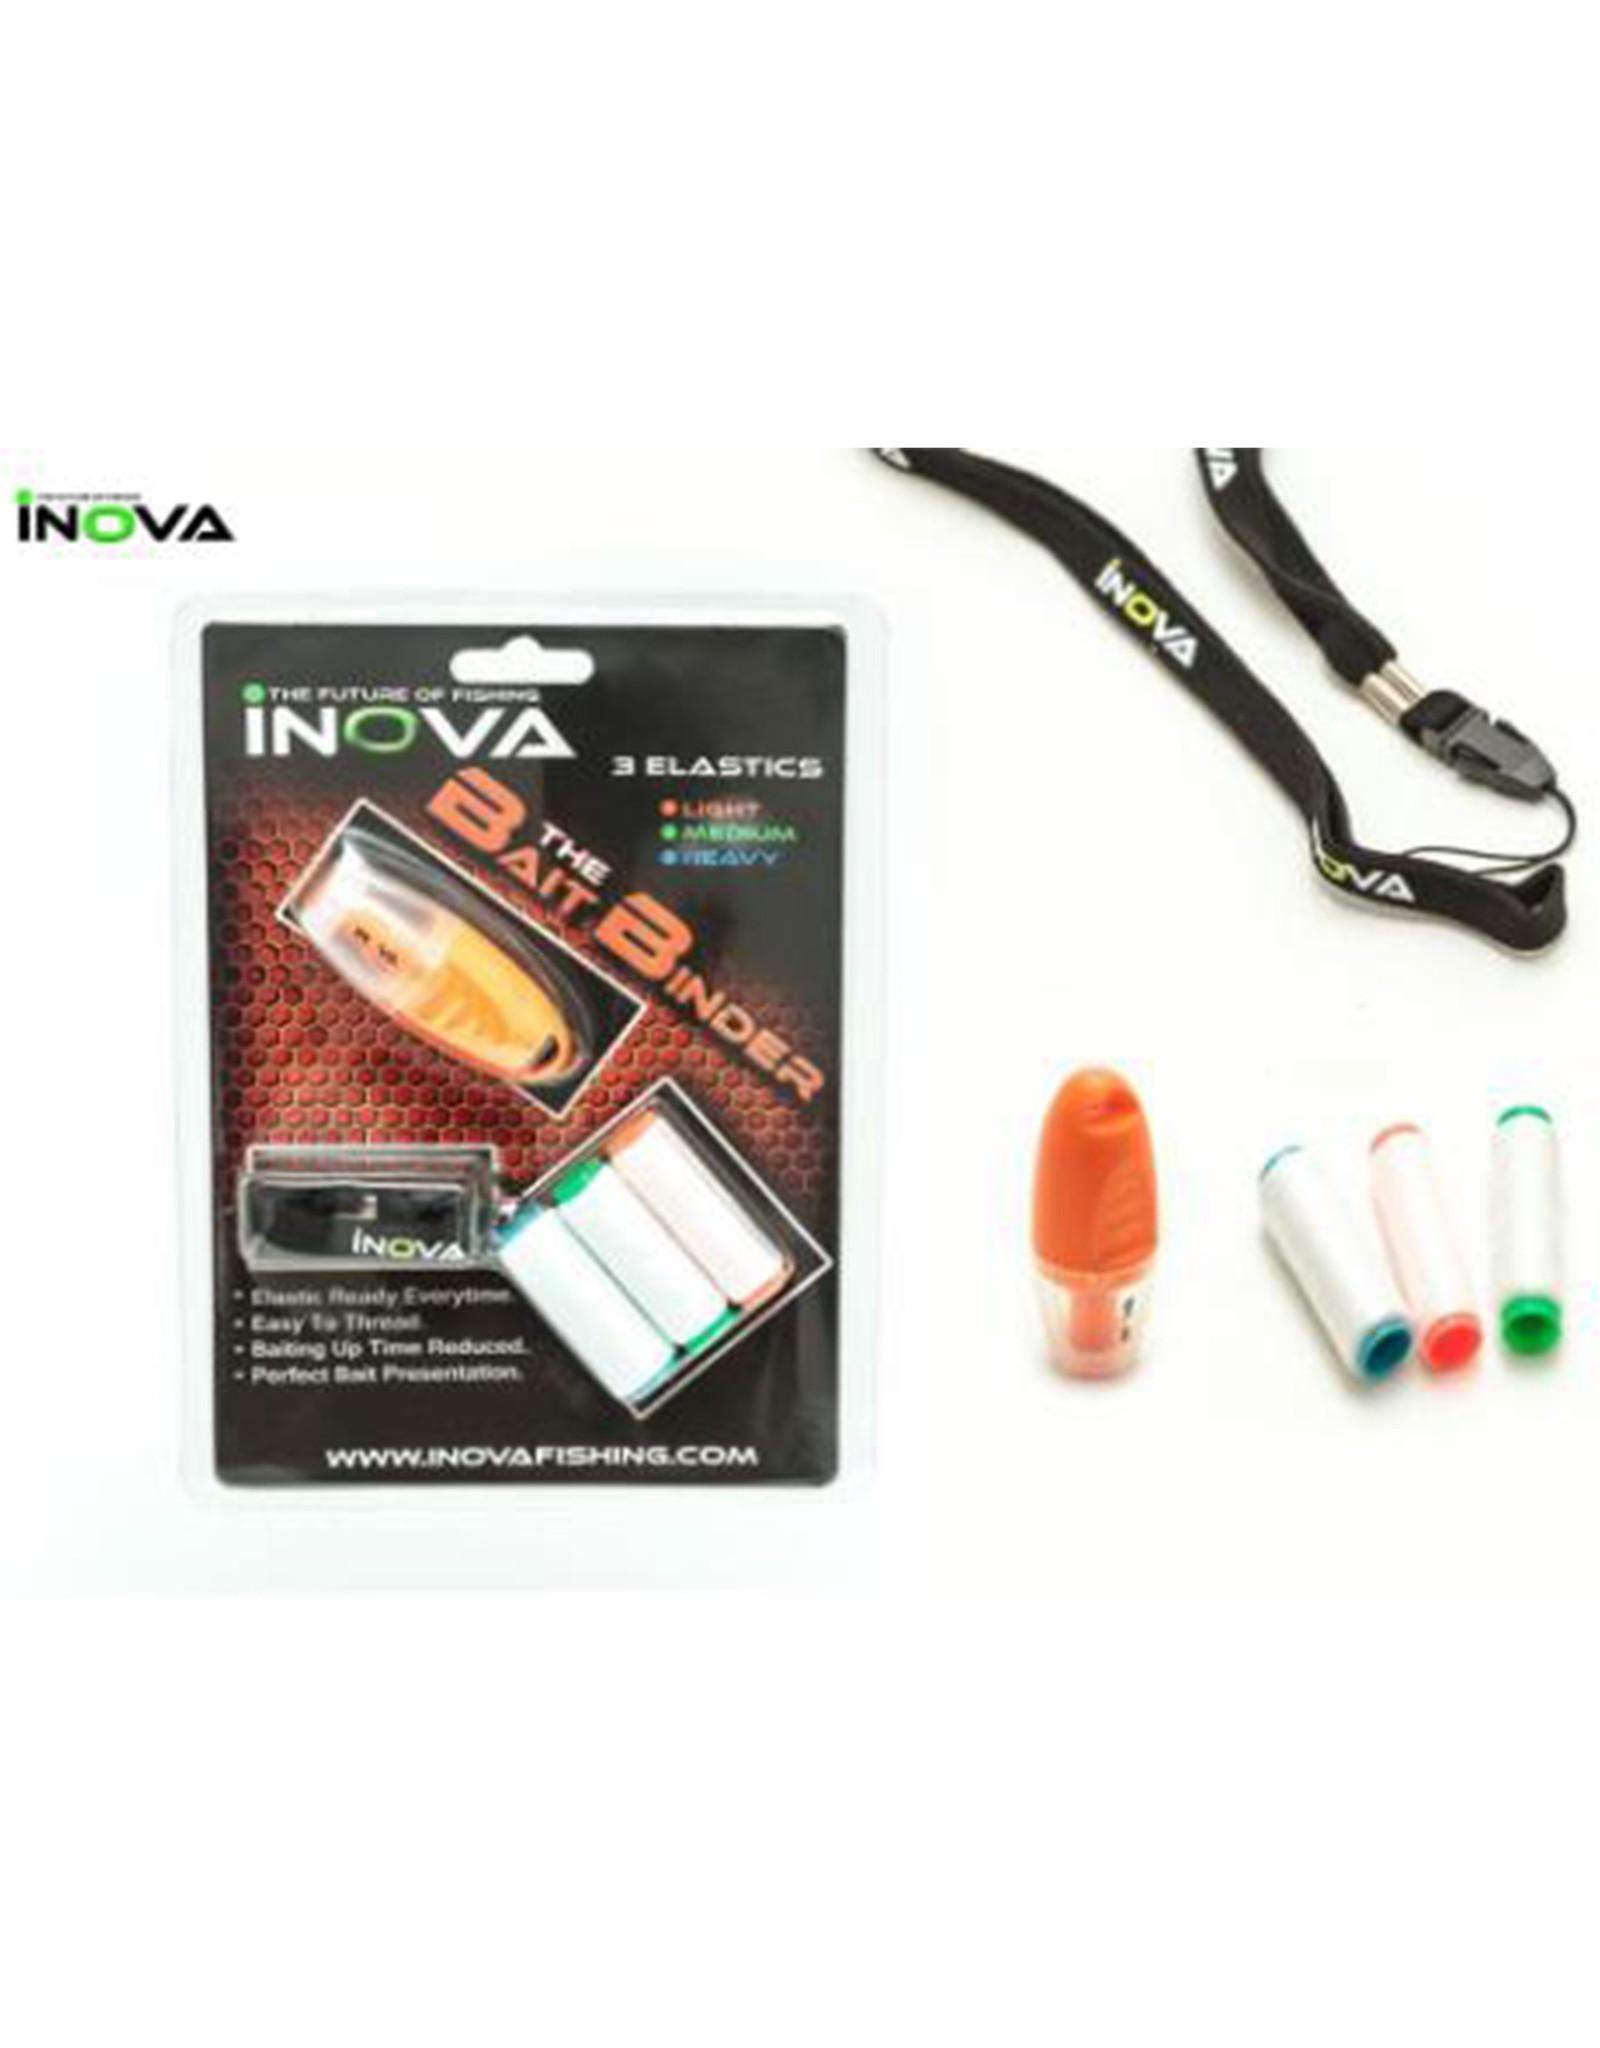 INOVA Inova Bait Binder Set